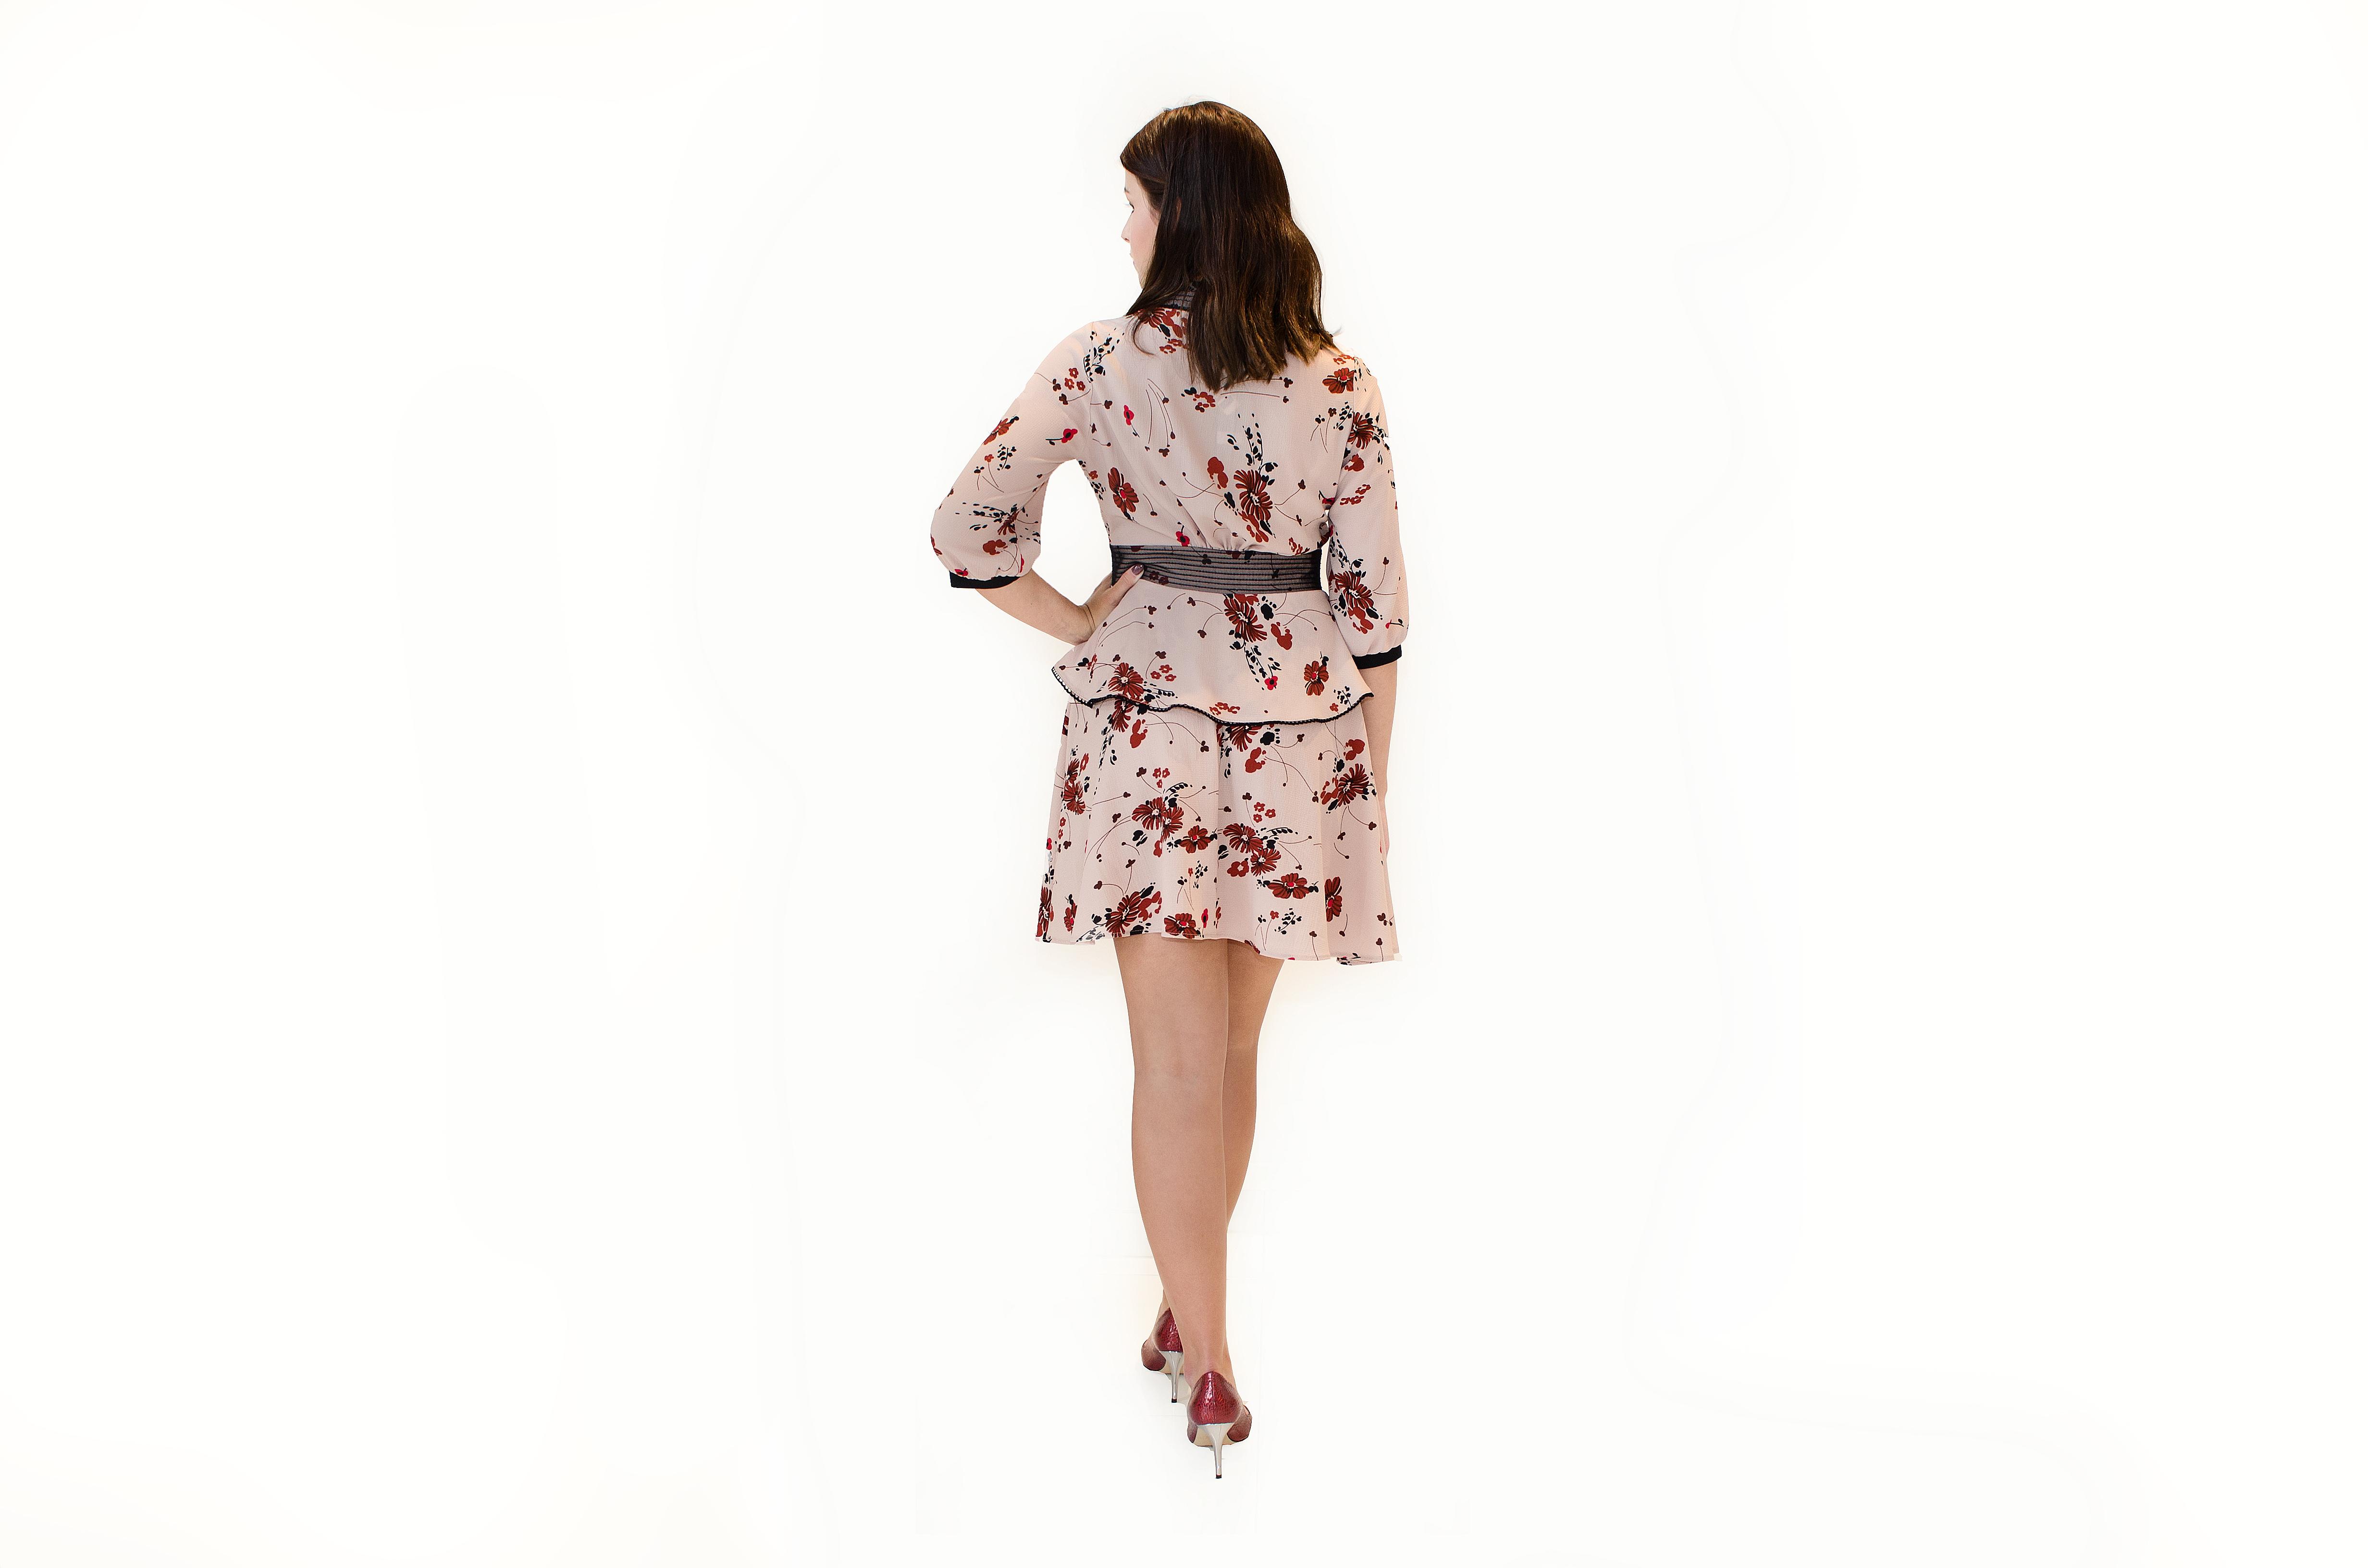 Starorůžové šaty s motivem květů